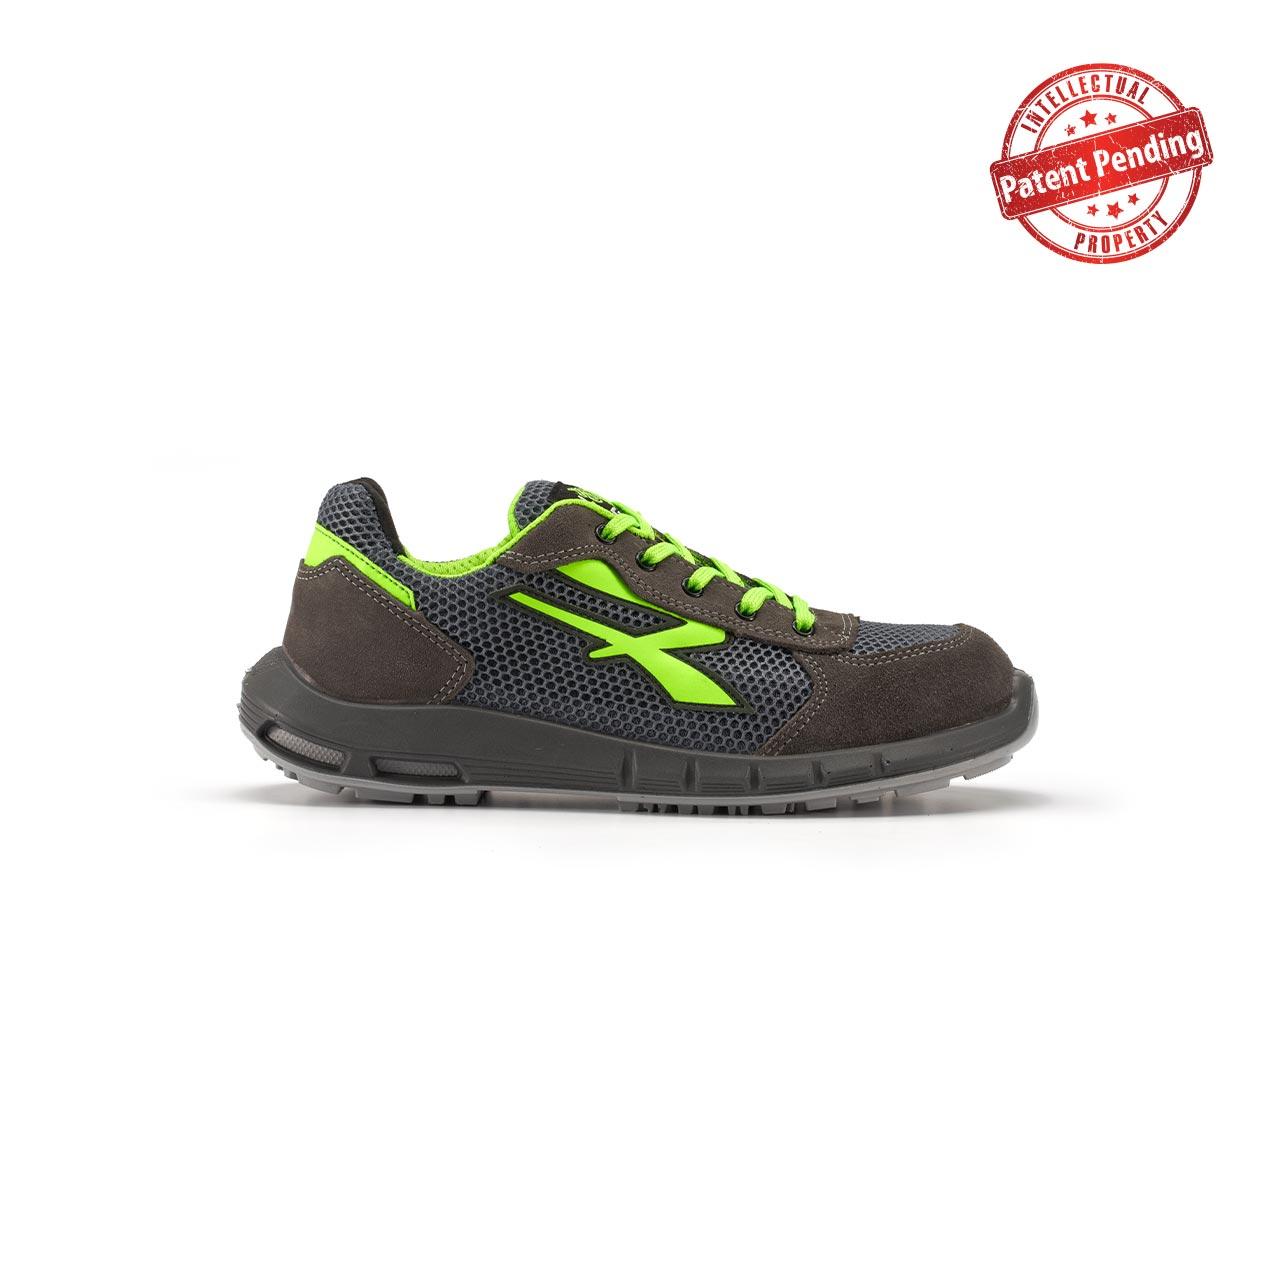 calzatura da lavoro upower modello gemini plus linea redup plus vista lato destro